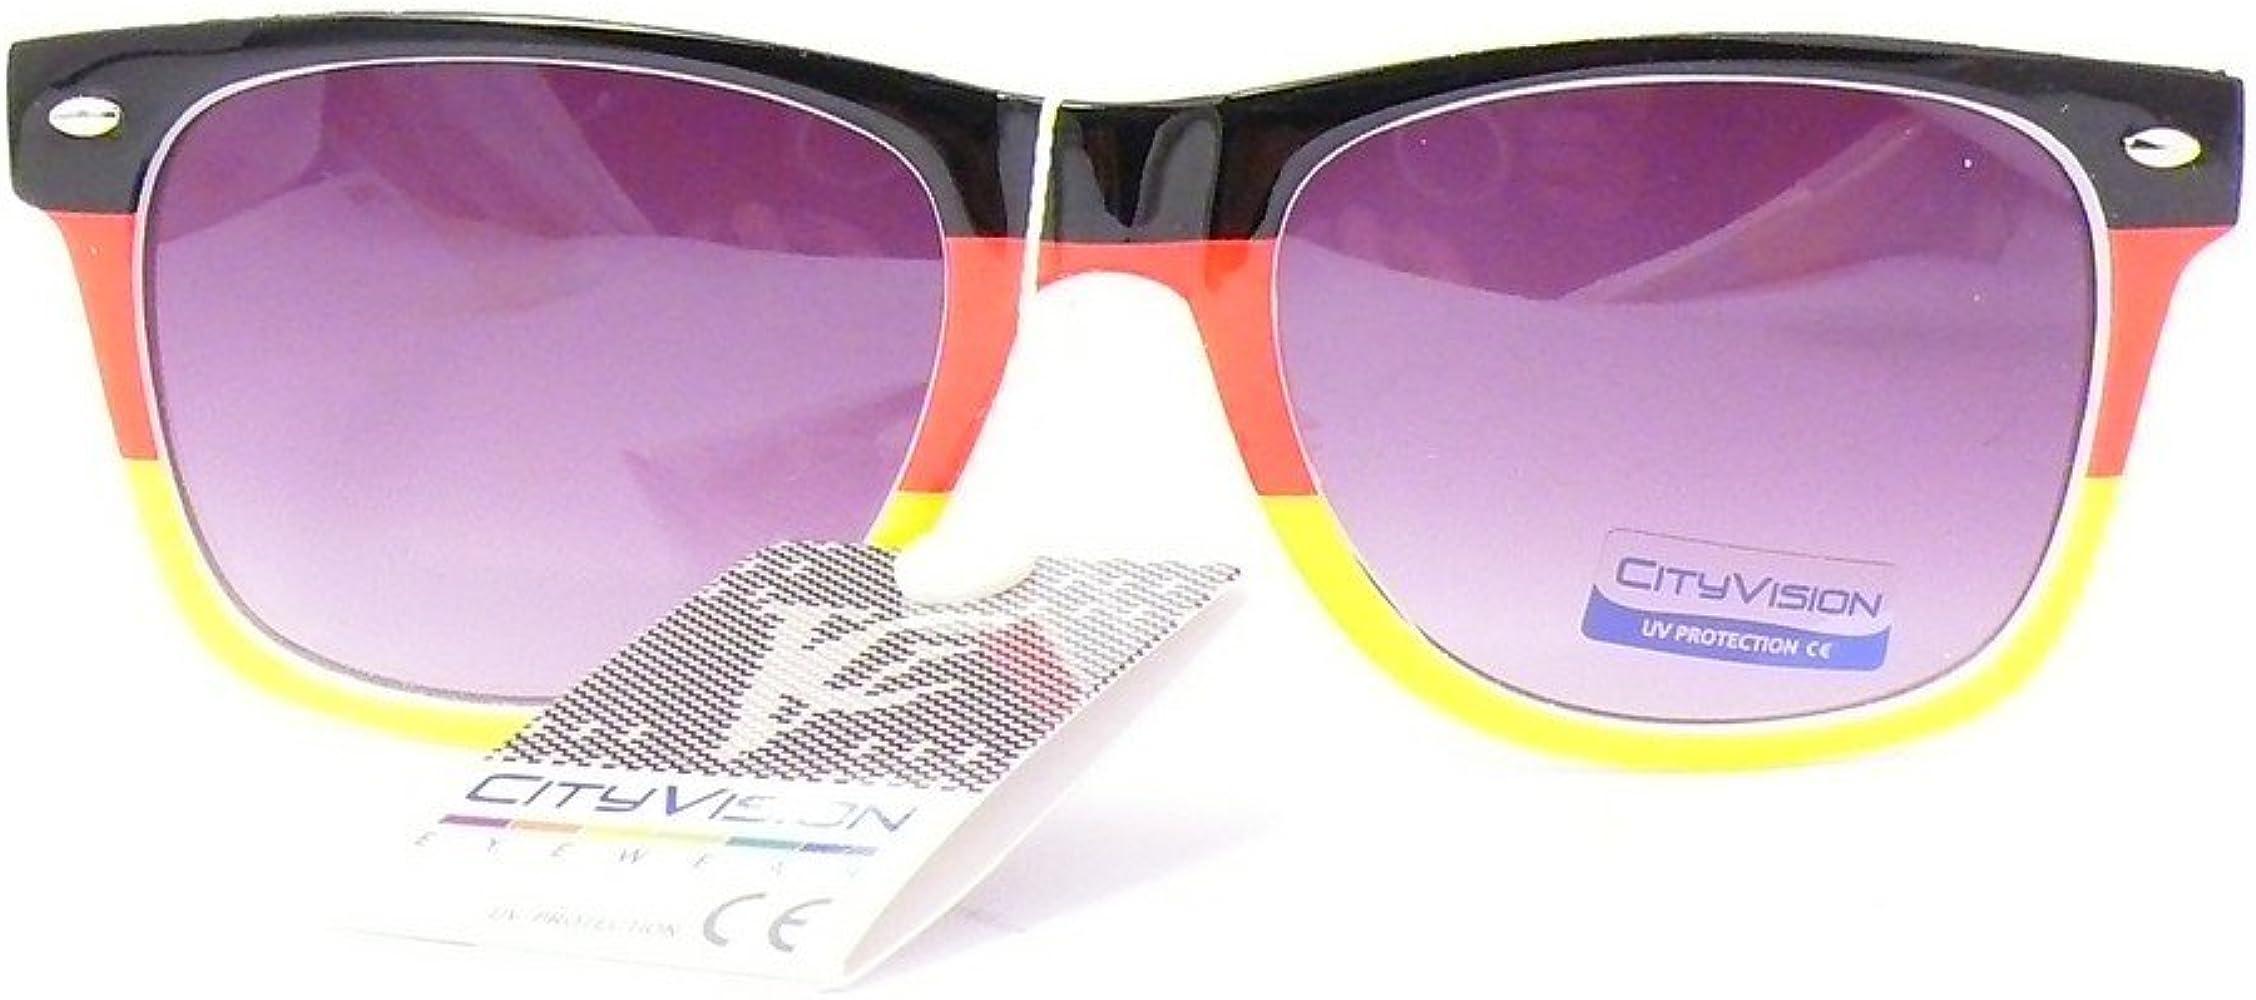 cityvision - Gafas de sol - para hombre multicolor Alemania ...